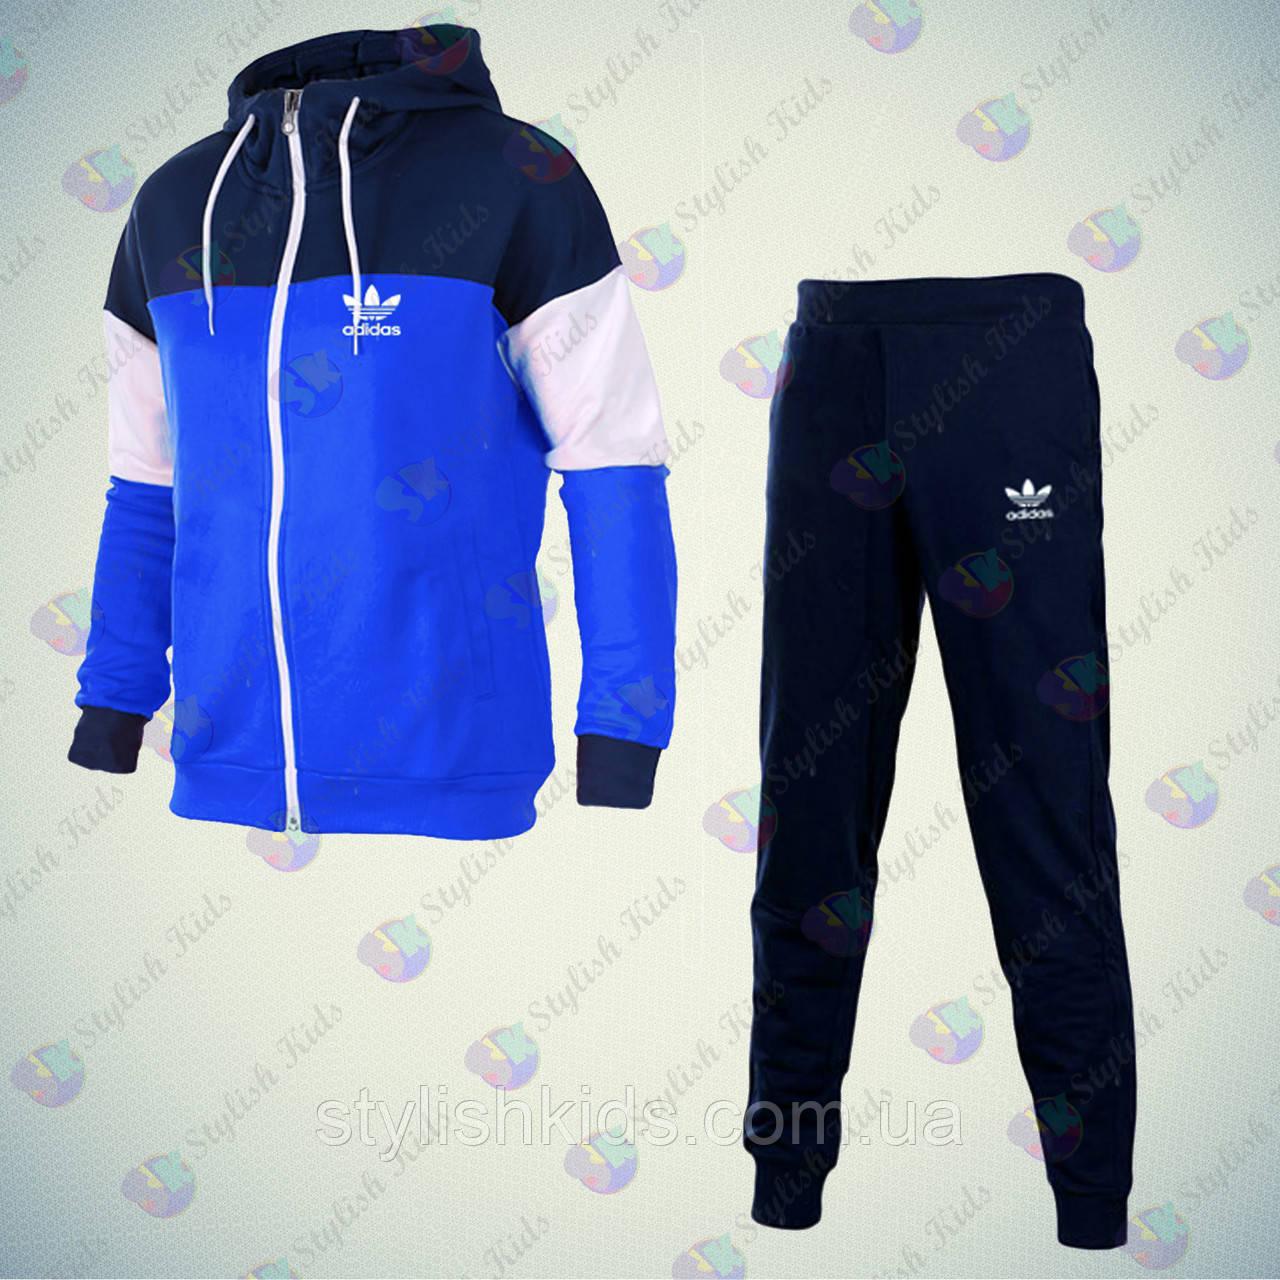 560a60fd934a68 Спортивный костюм для мальчика адидас в Украине.Детские спортивные костюмы  Adidas в Украине пром.